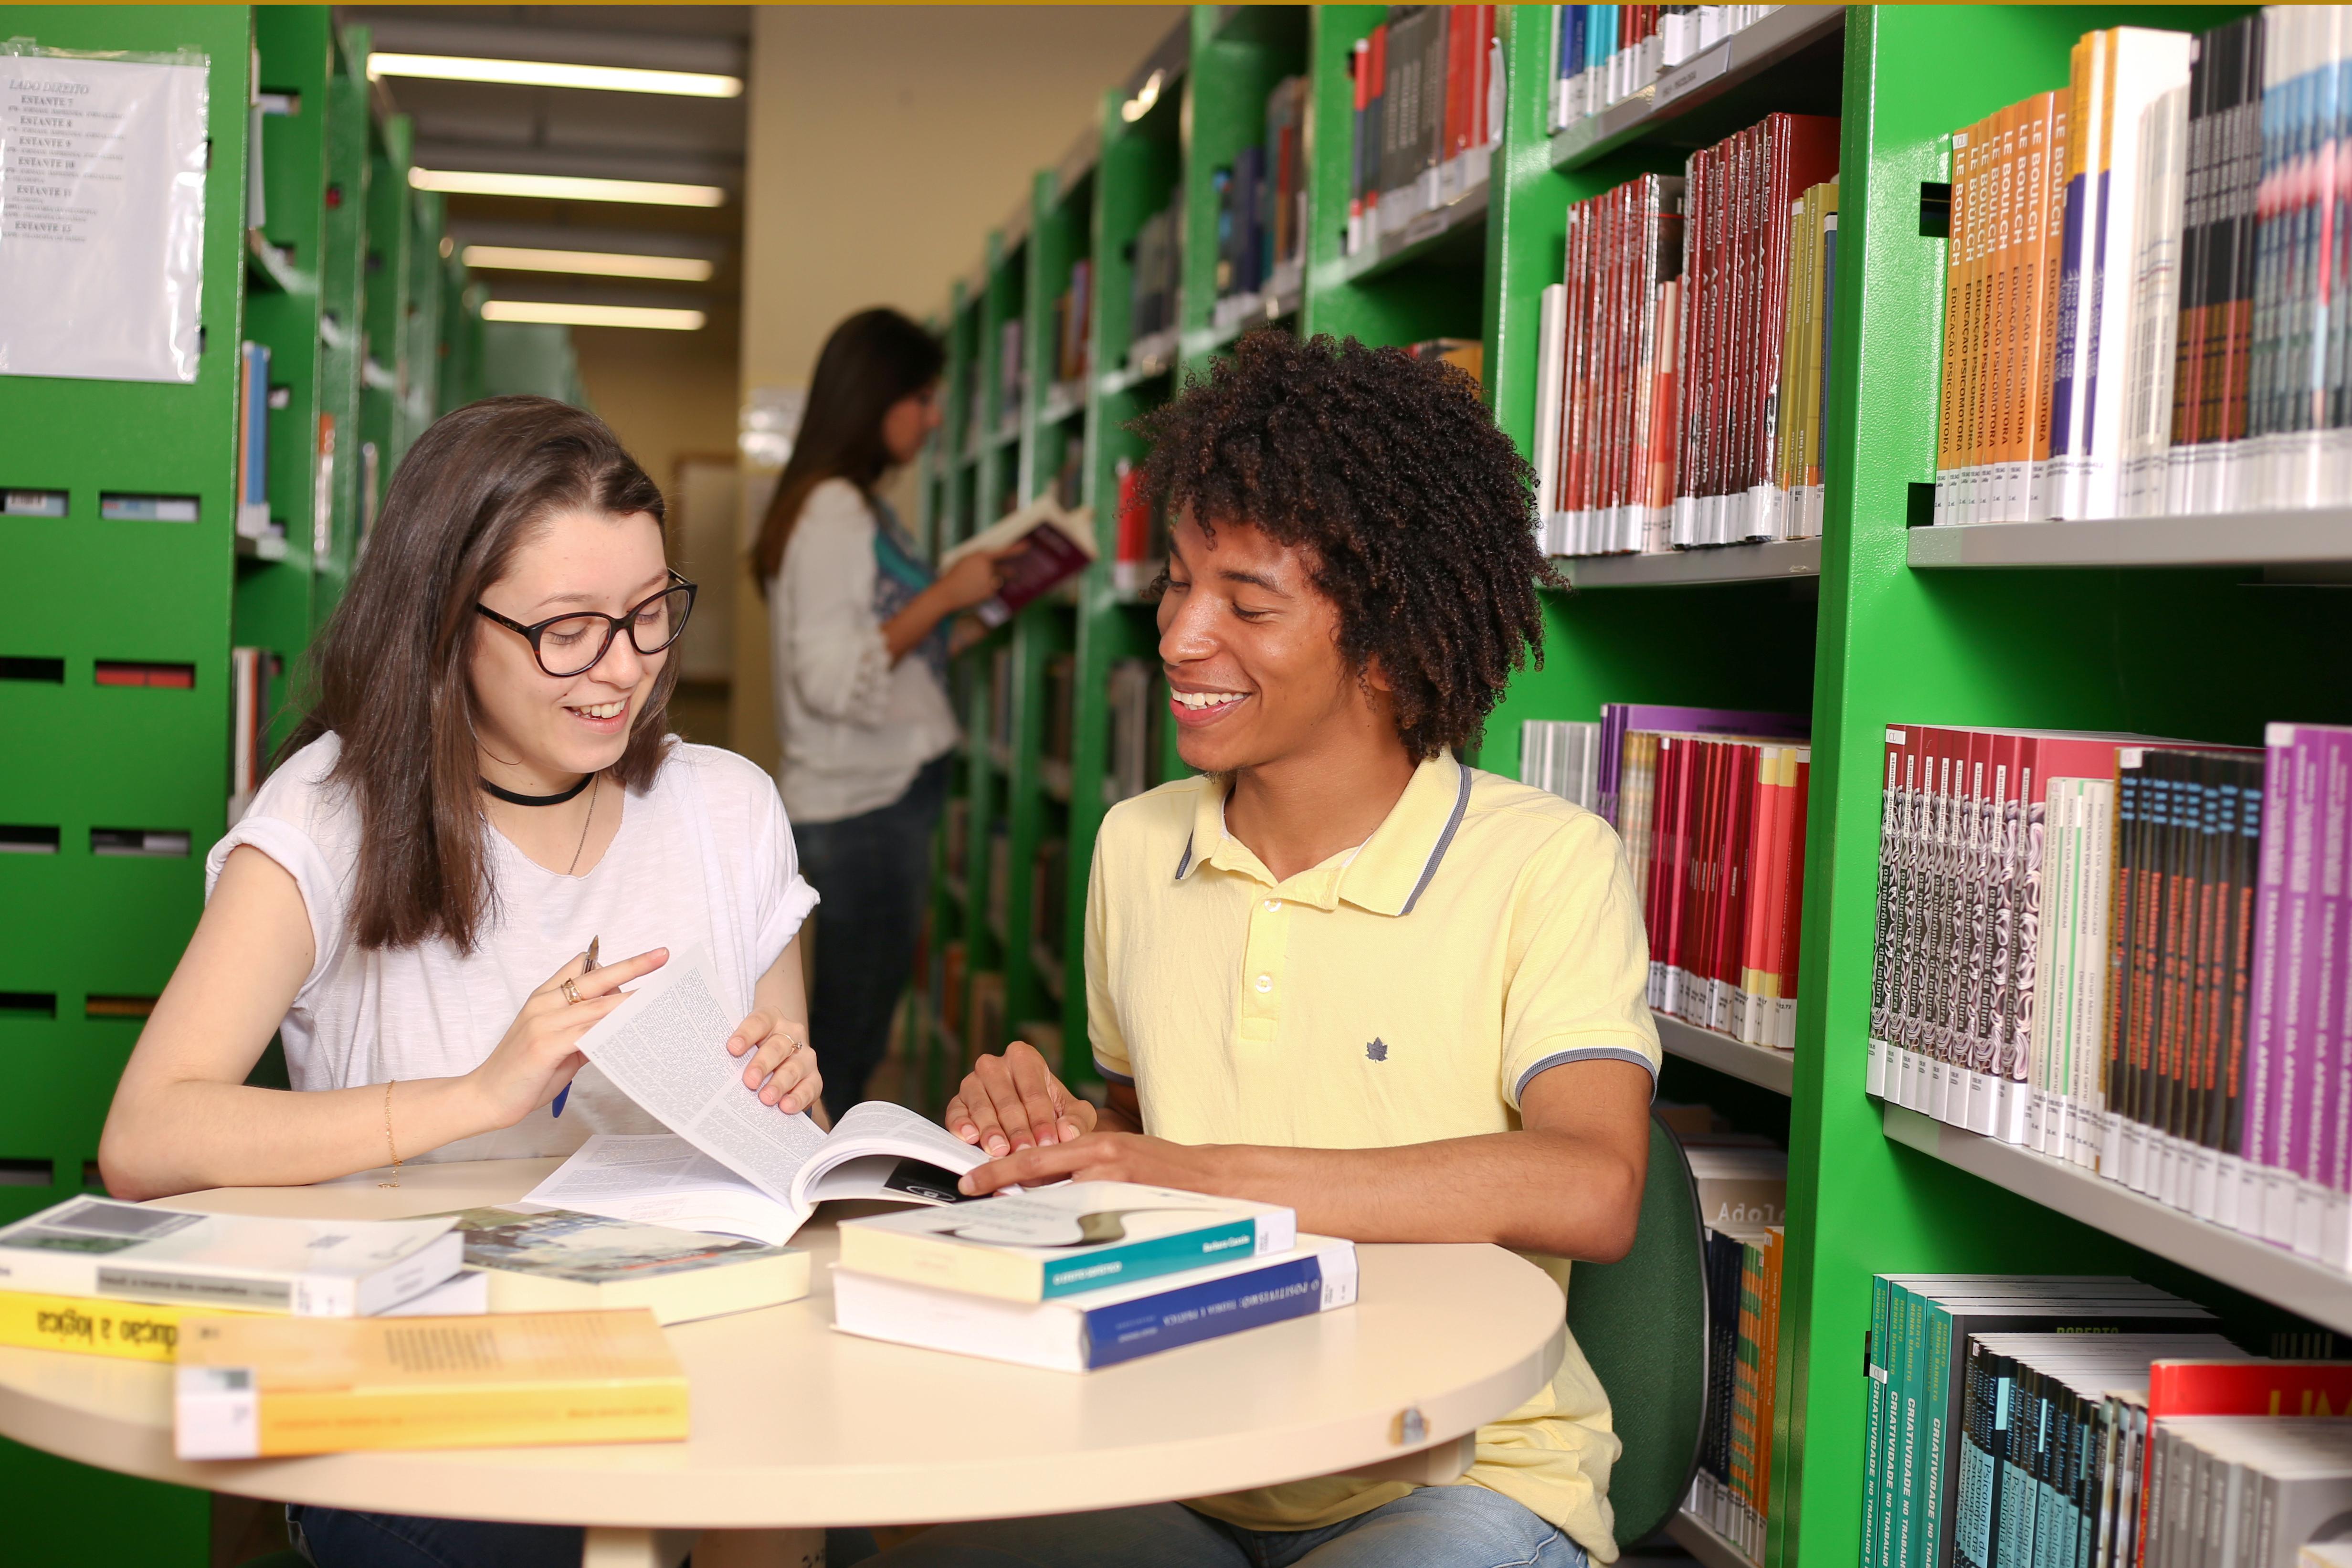 Fundo de estantes de livros. Uma aluna branca e um aluno negro sorrindo e olhando um livro. Ambos sentados.